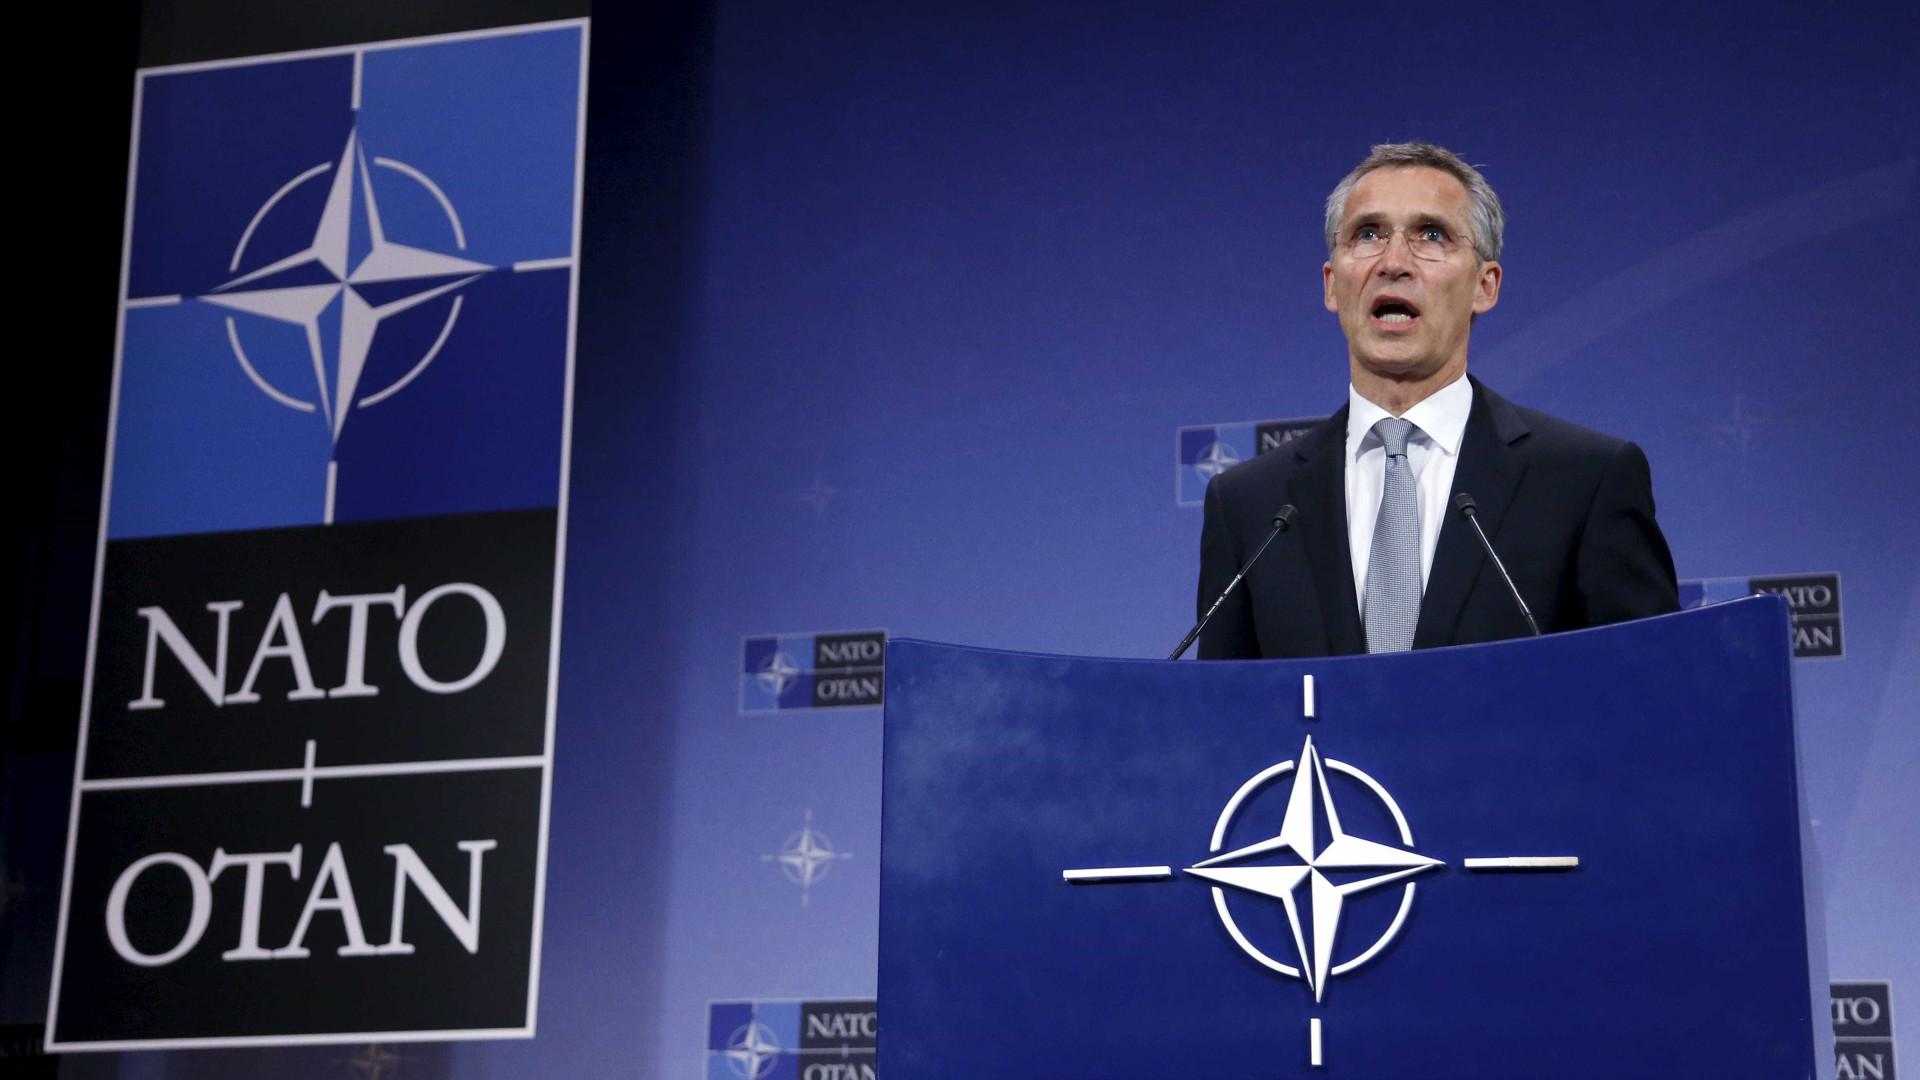 Secretário-geral da NATO nos EUA pela primeira vez após eleição de Trump